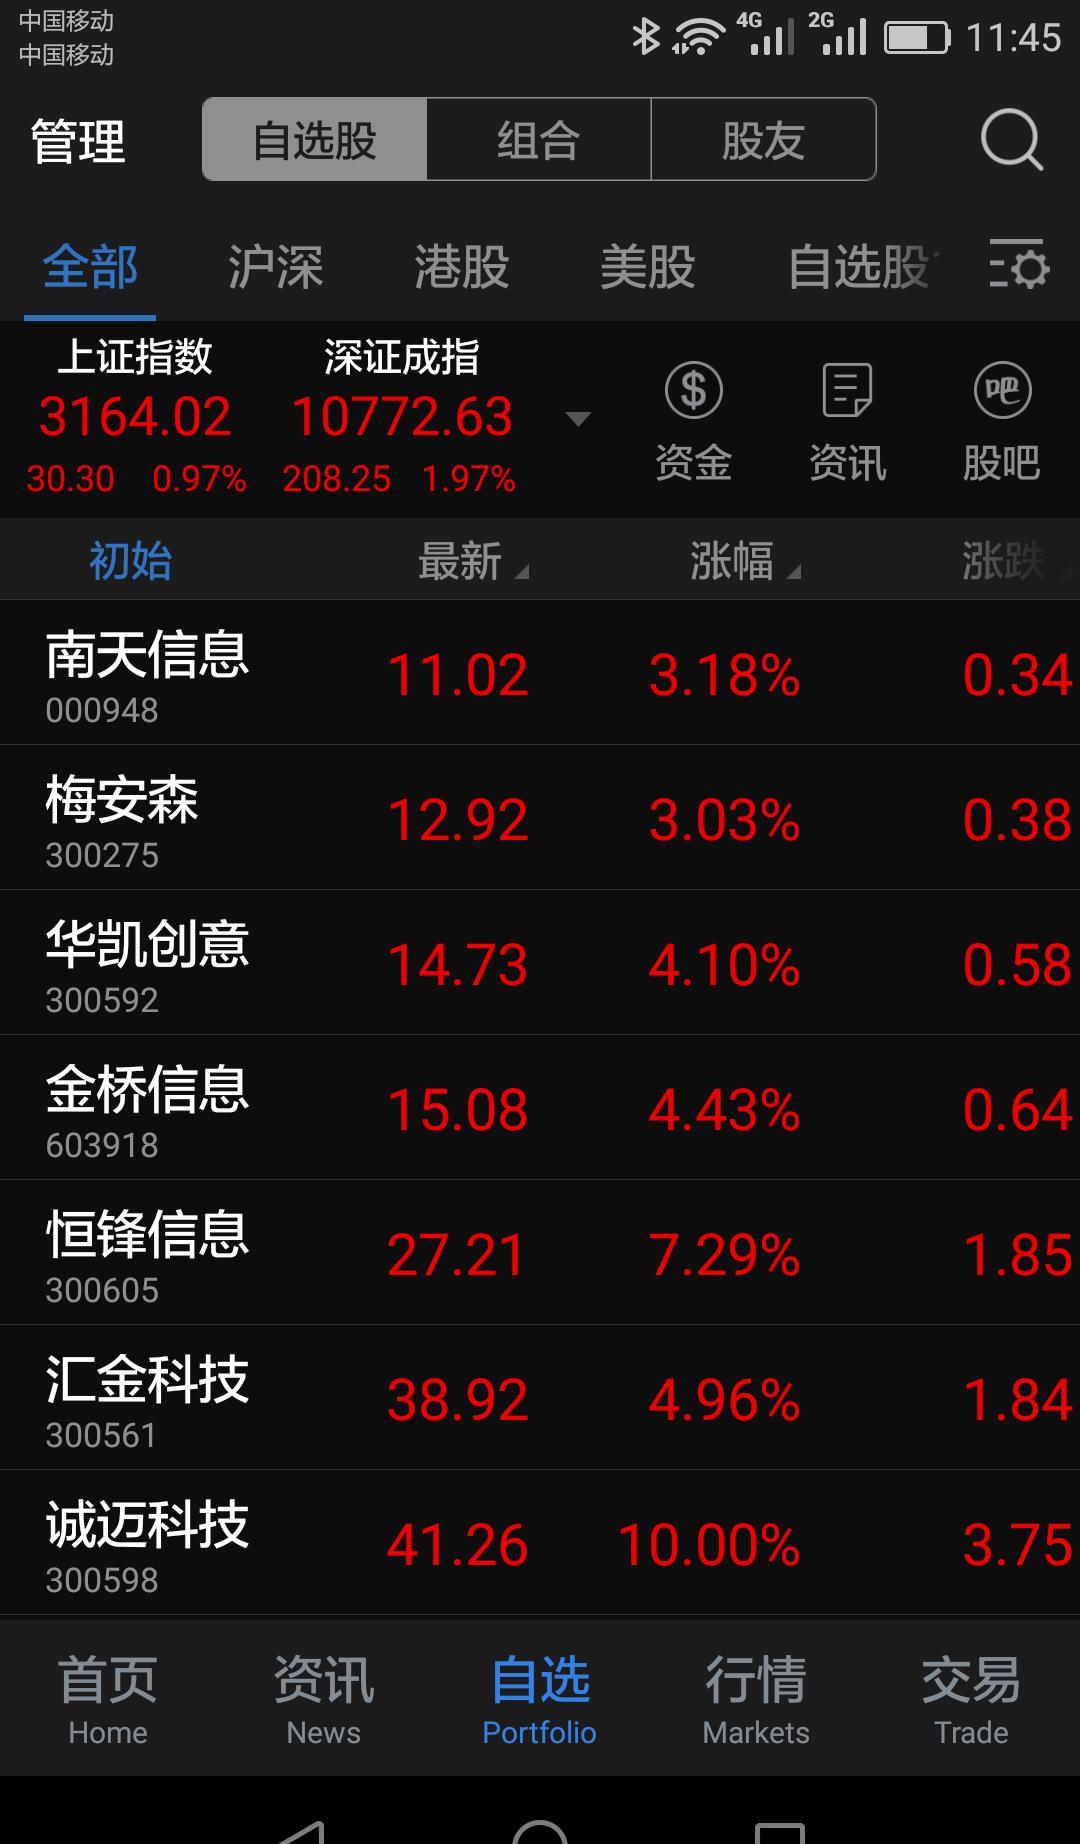 软件技术板块整体上涨5%_南天信息(000948)股吧_东方